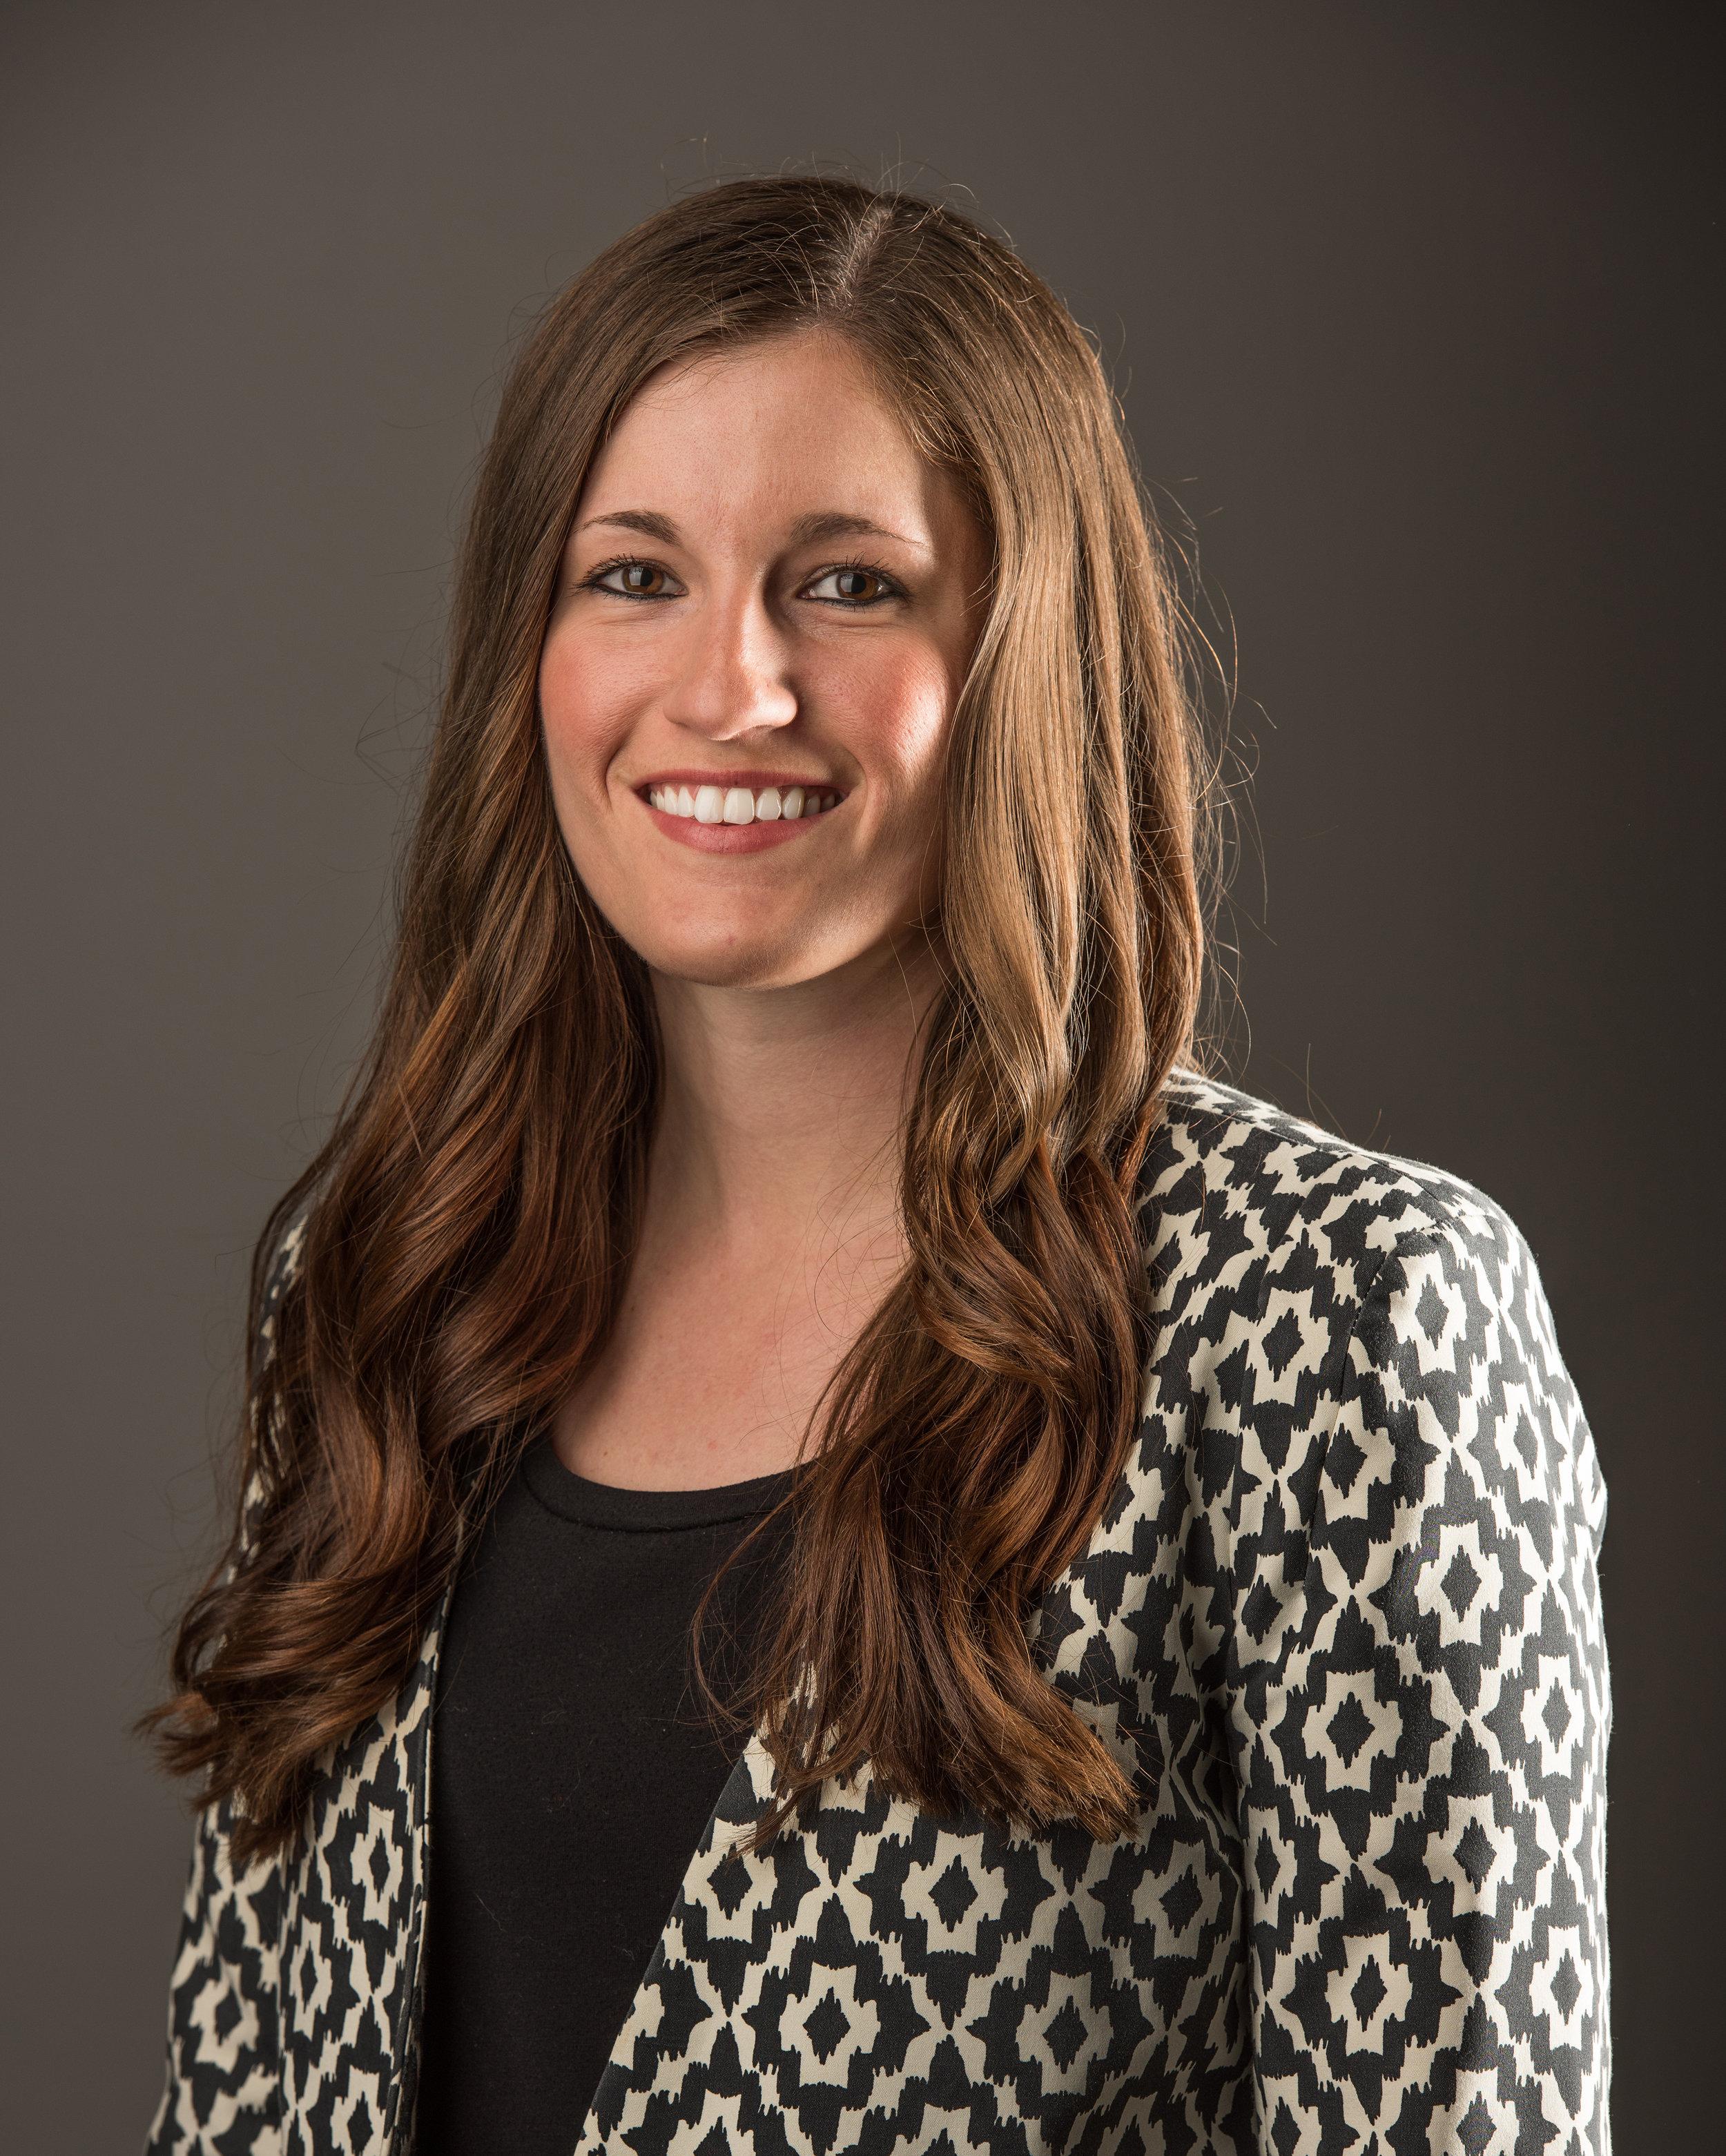 Lauren Link headshot.JPG